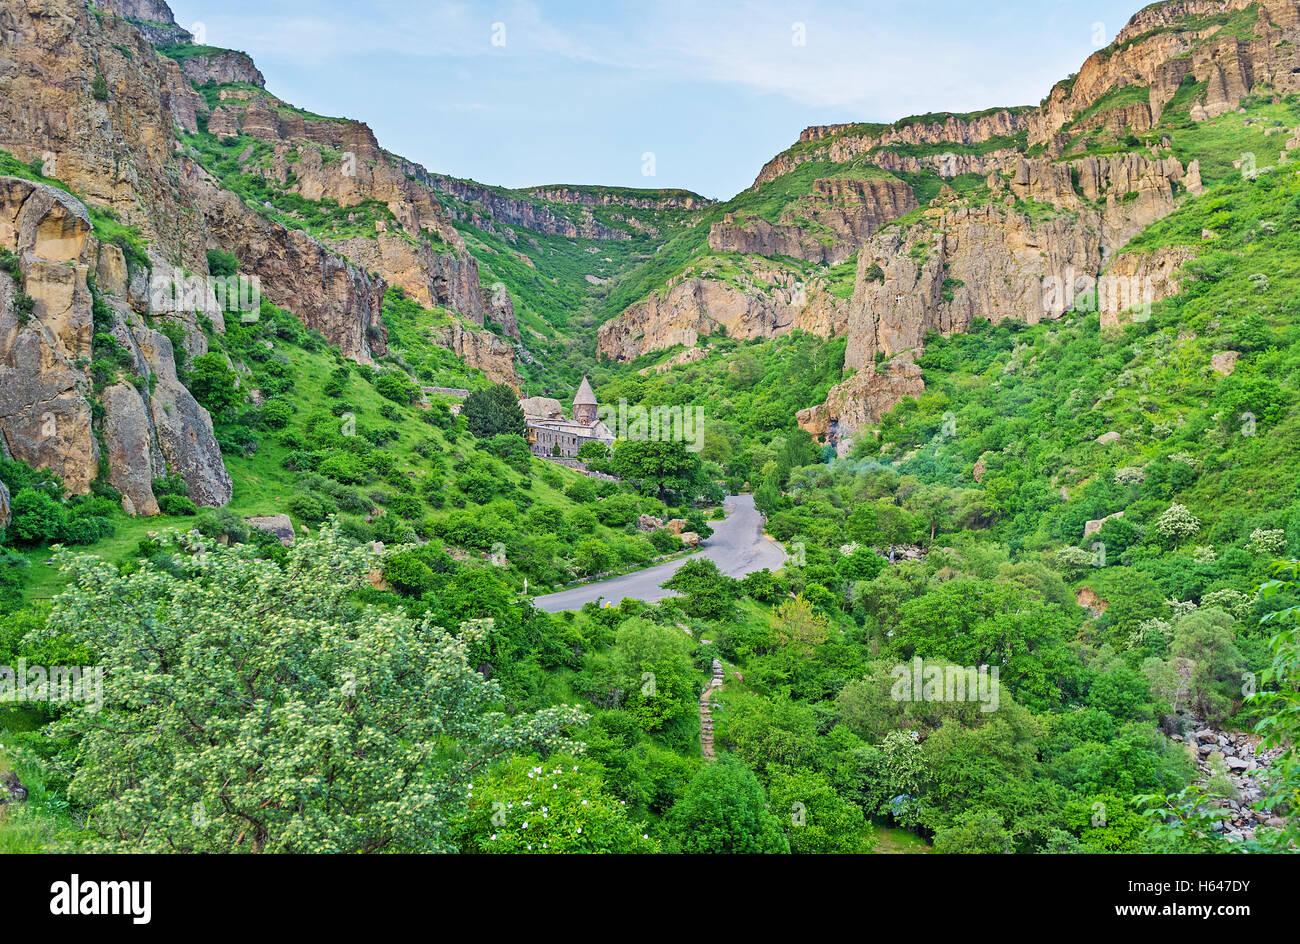 O Mosteiro de Geghard localizado no verde exuberante Rio Azat Gorge, Kotayk província, a Arménia. Imagens de Stock